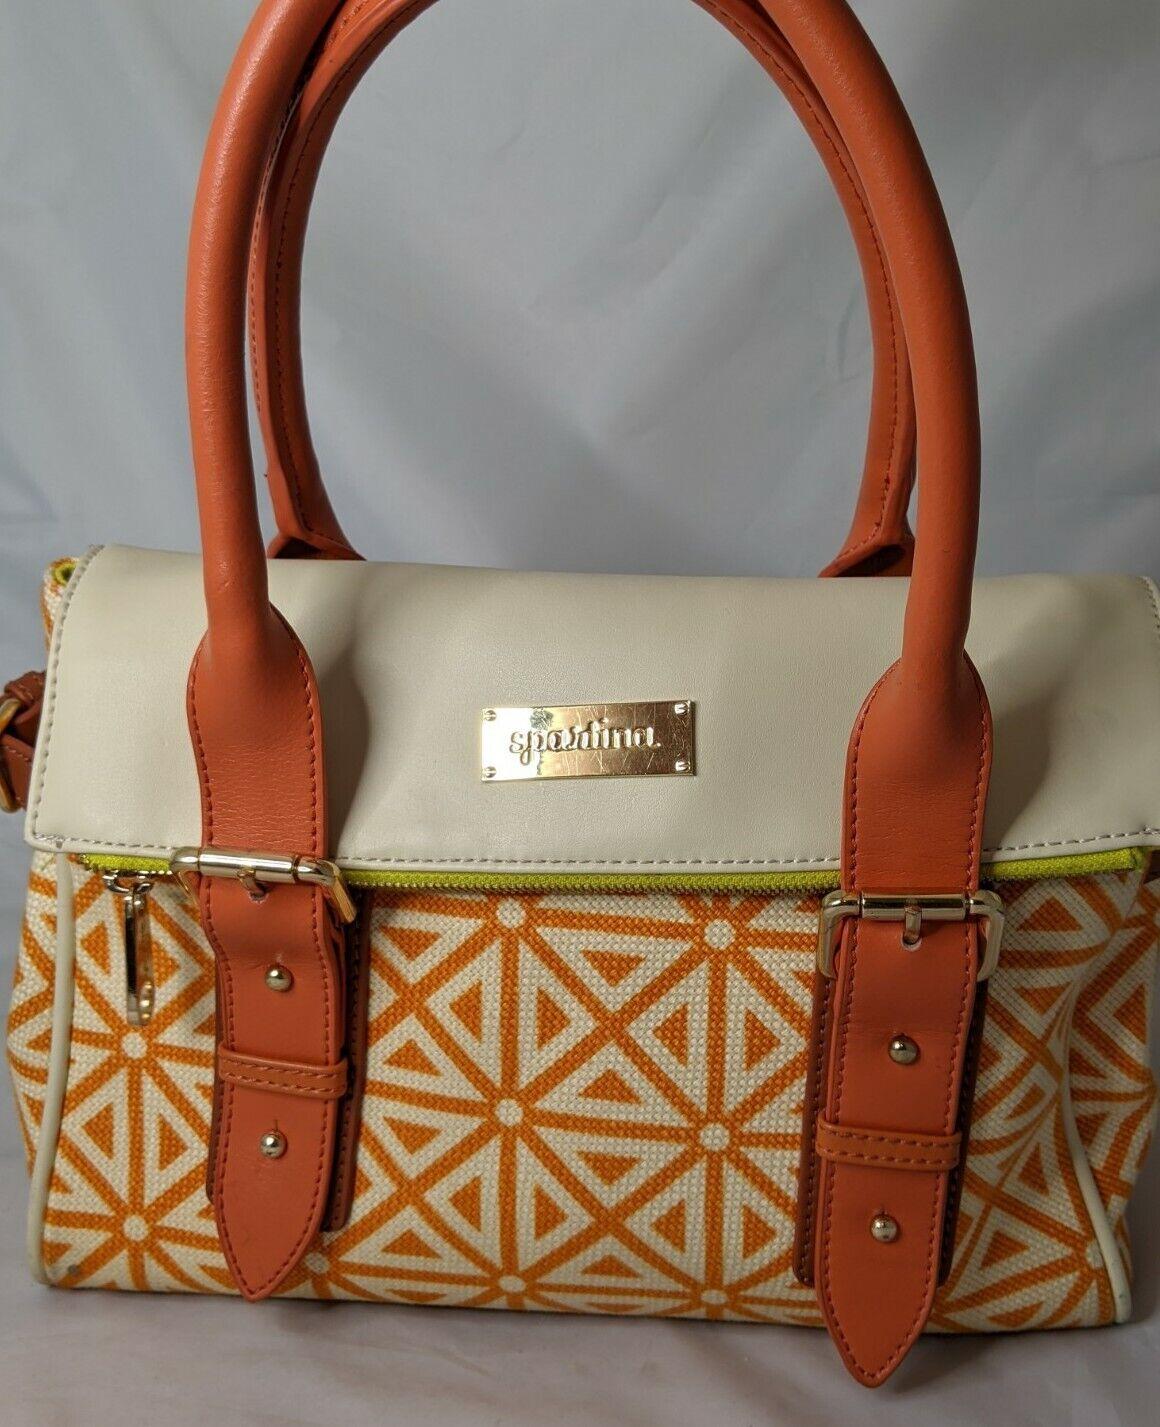 Spartina Orange Creme Summer Spring Handbag Purse shoulder bag Adjustable Straps